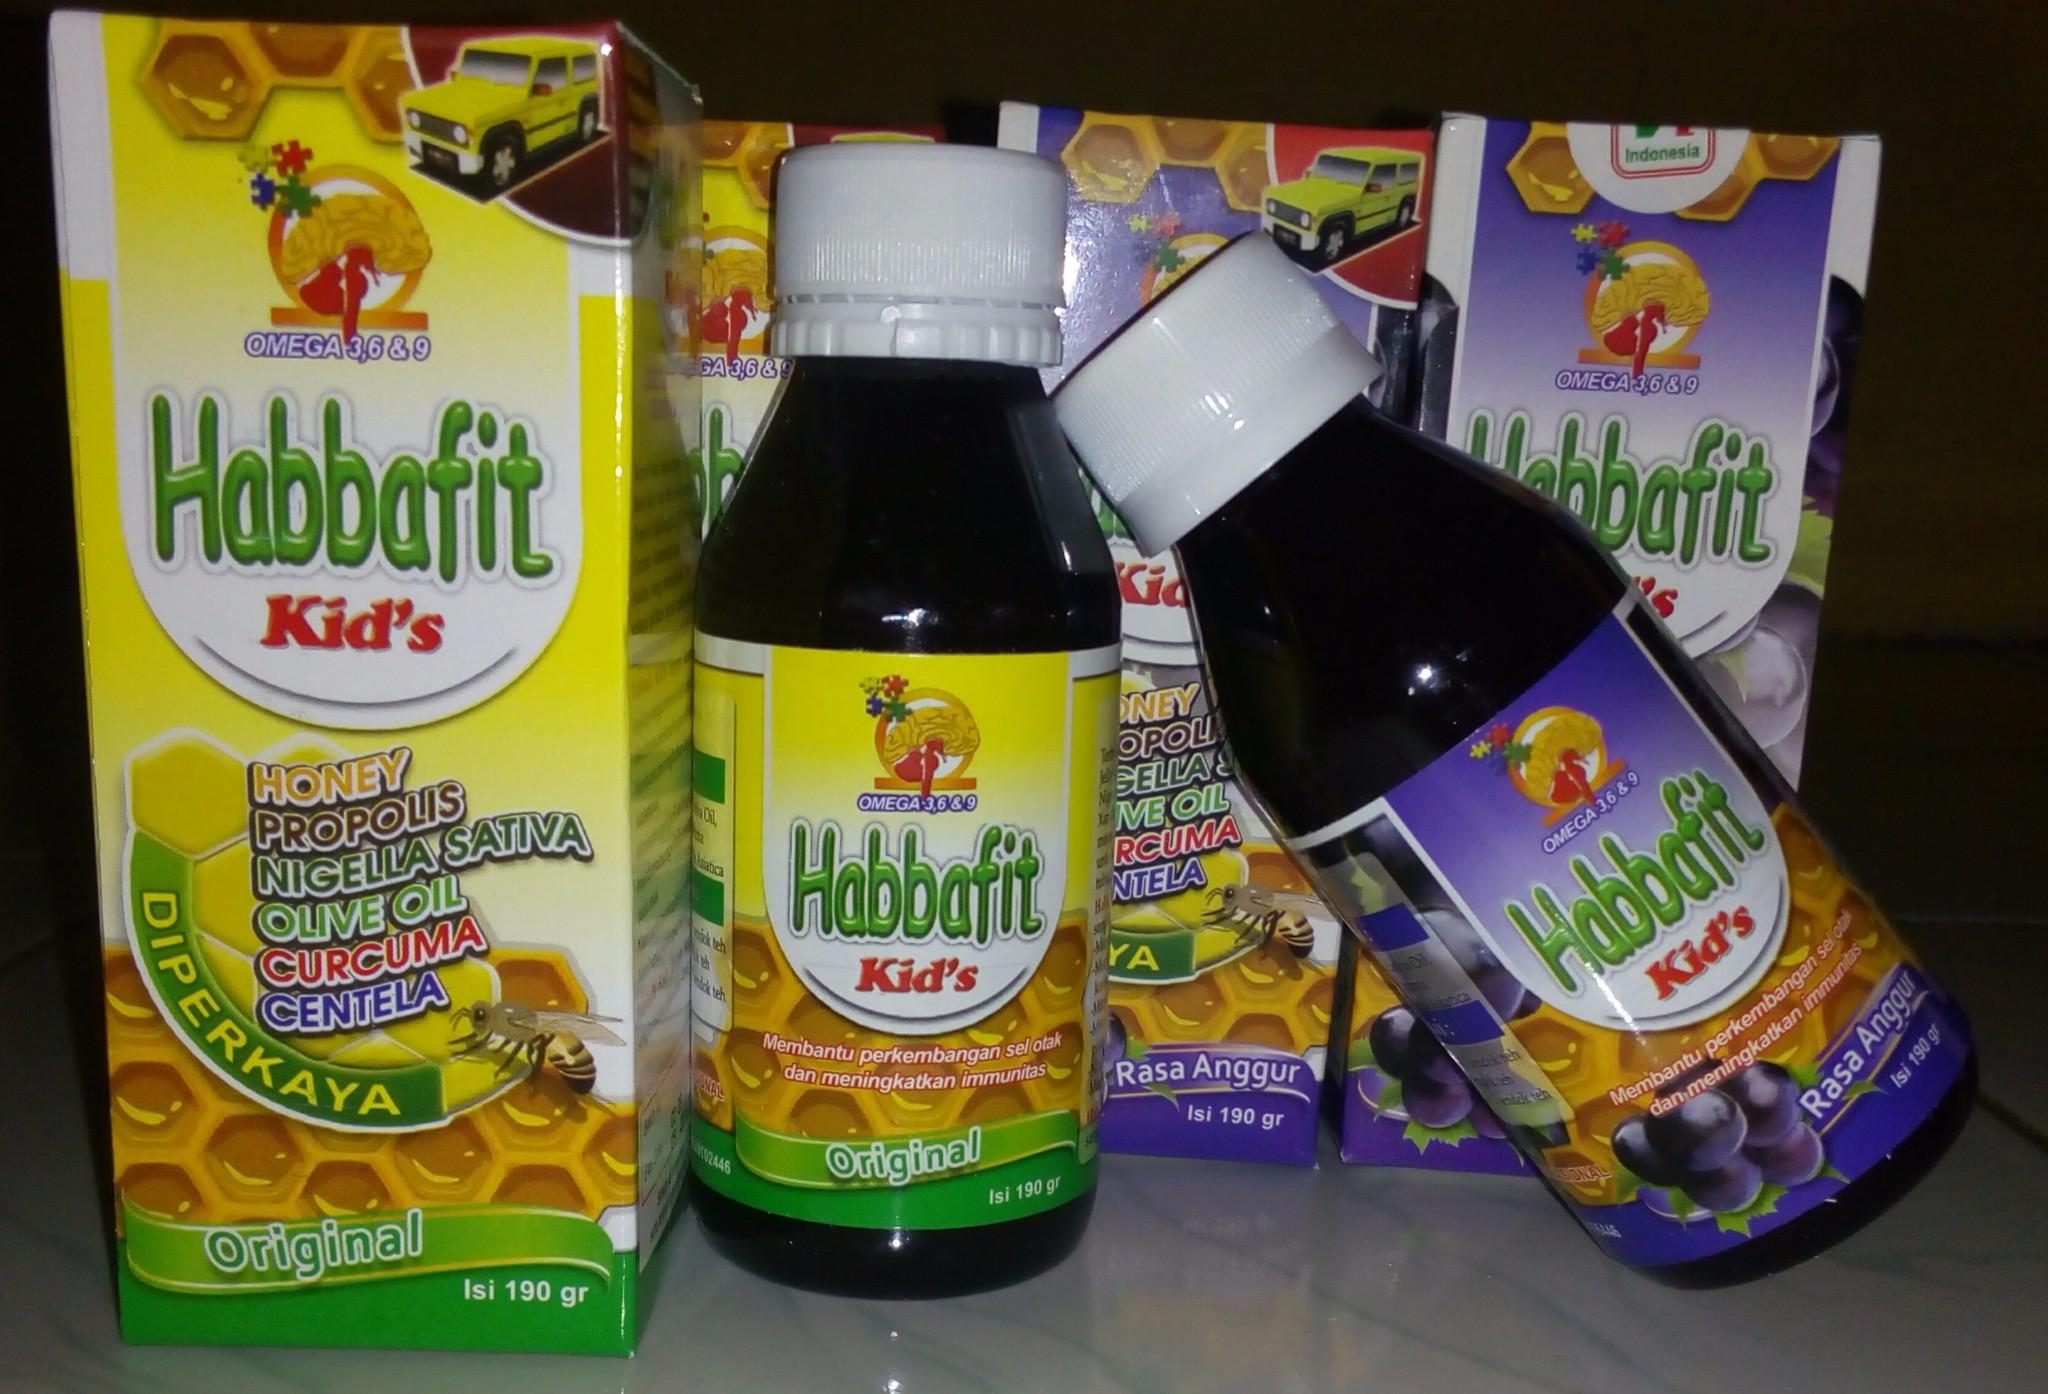 Hasil gambar untuk habbafit kids